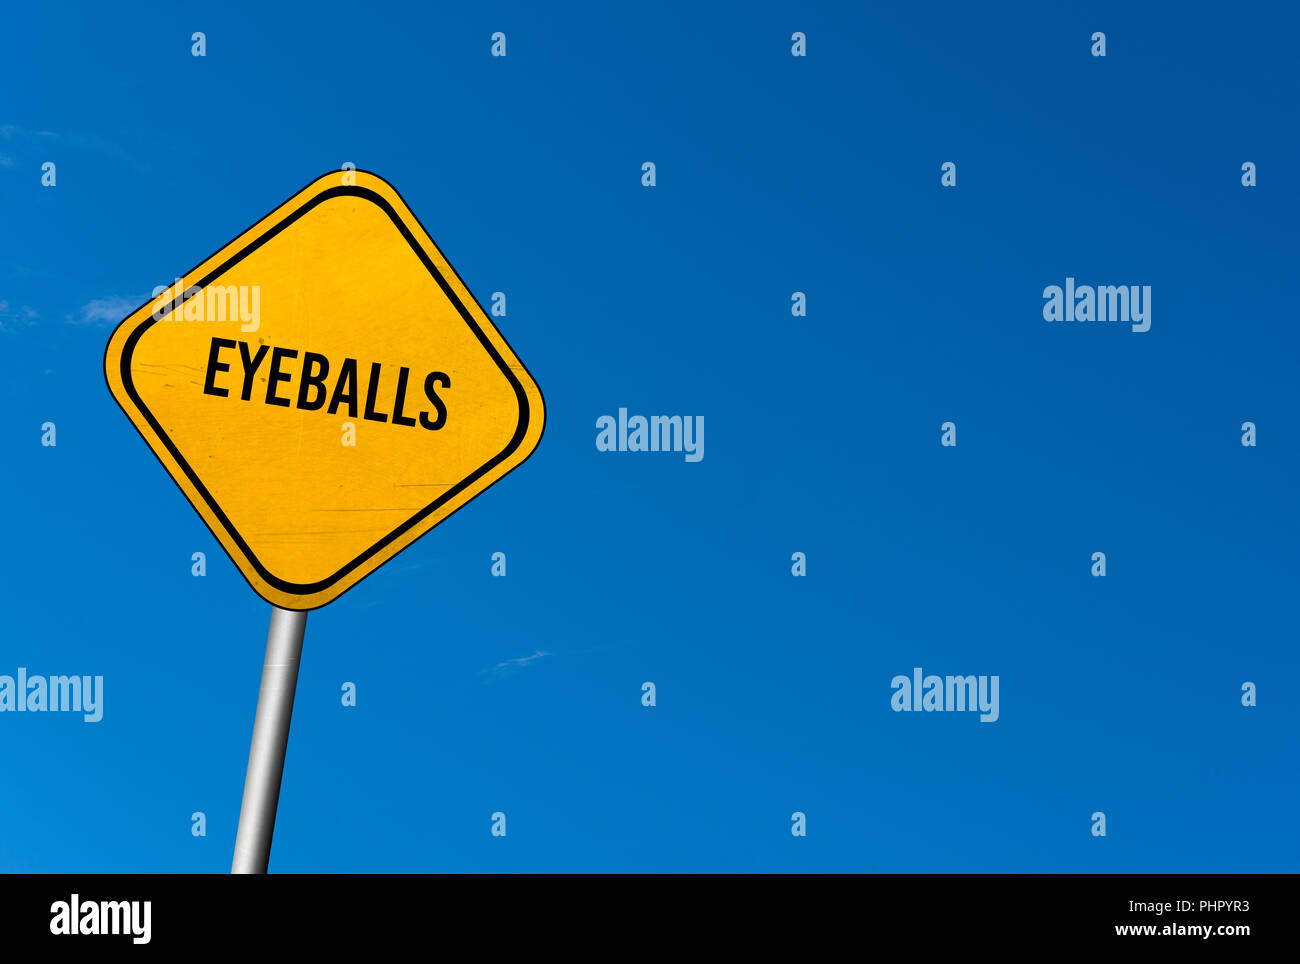 Ojos - signo amarillo con el cielo azul Imagen De Stock